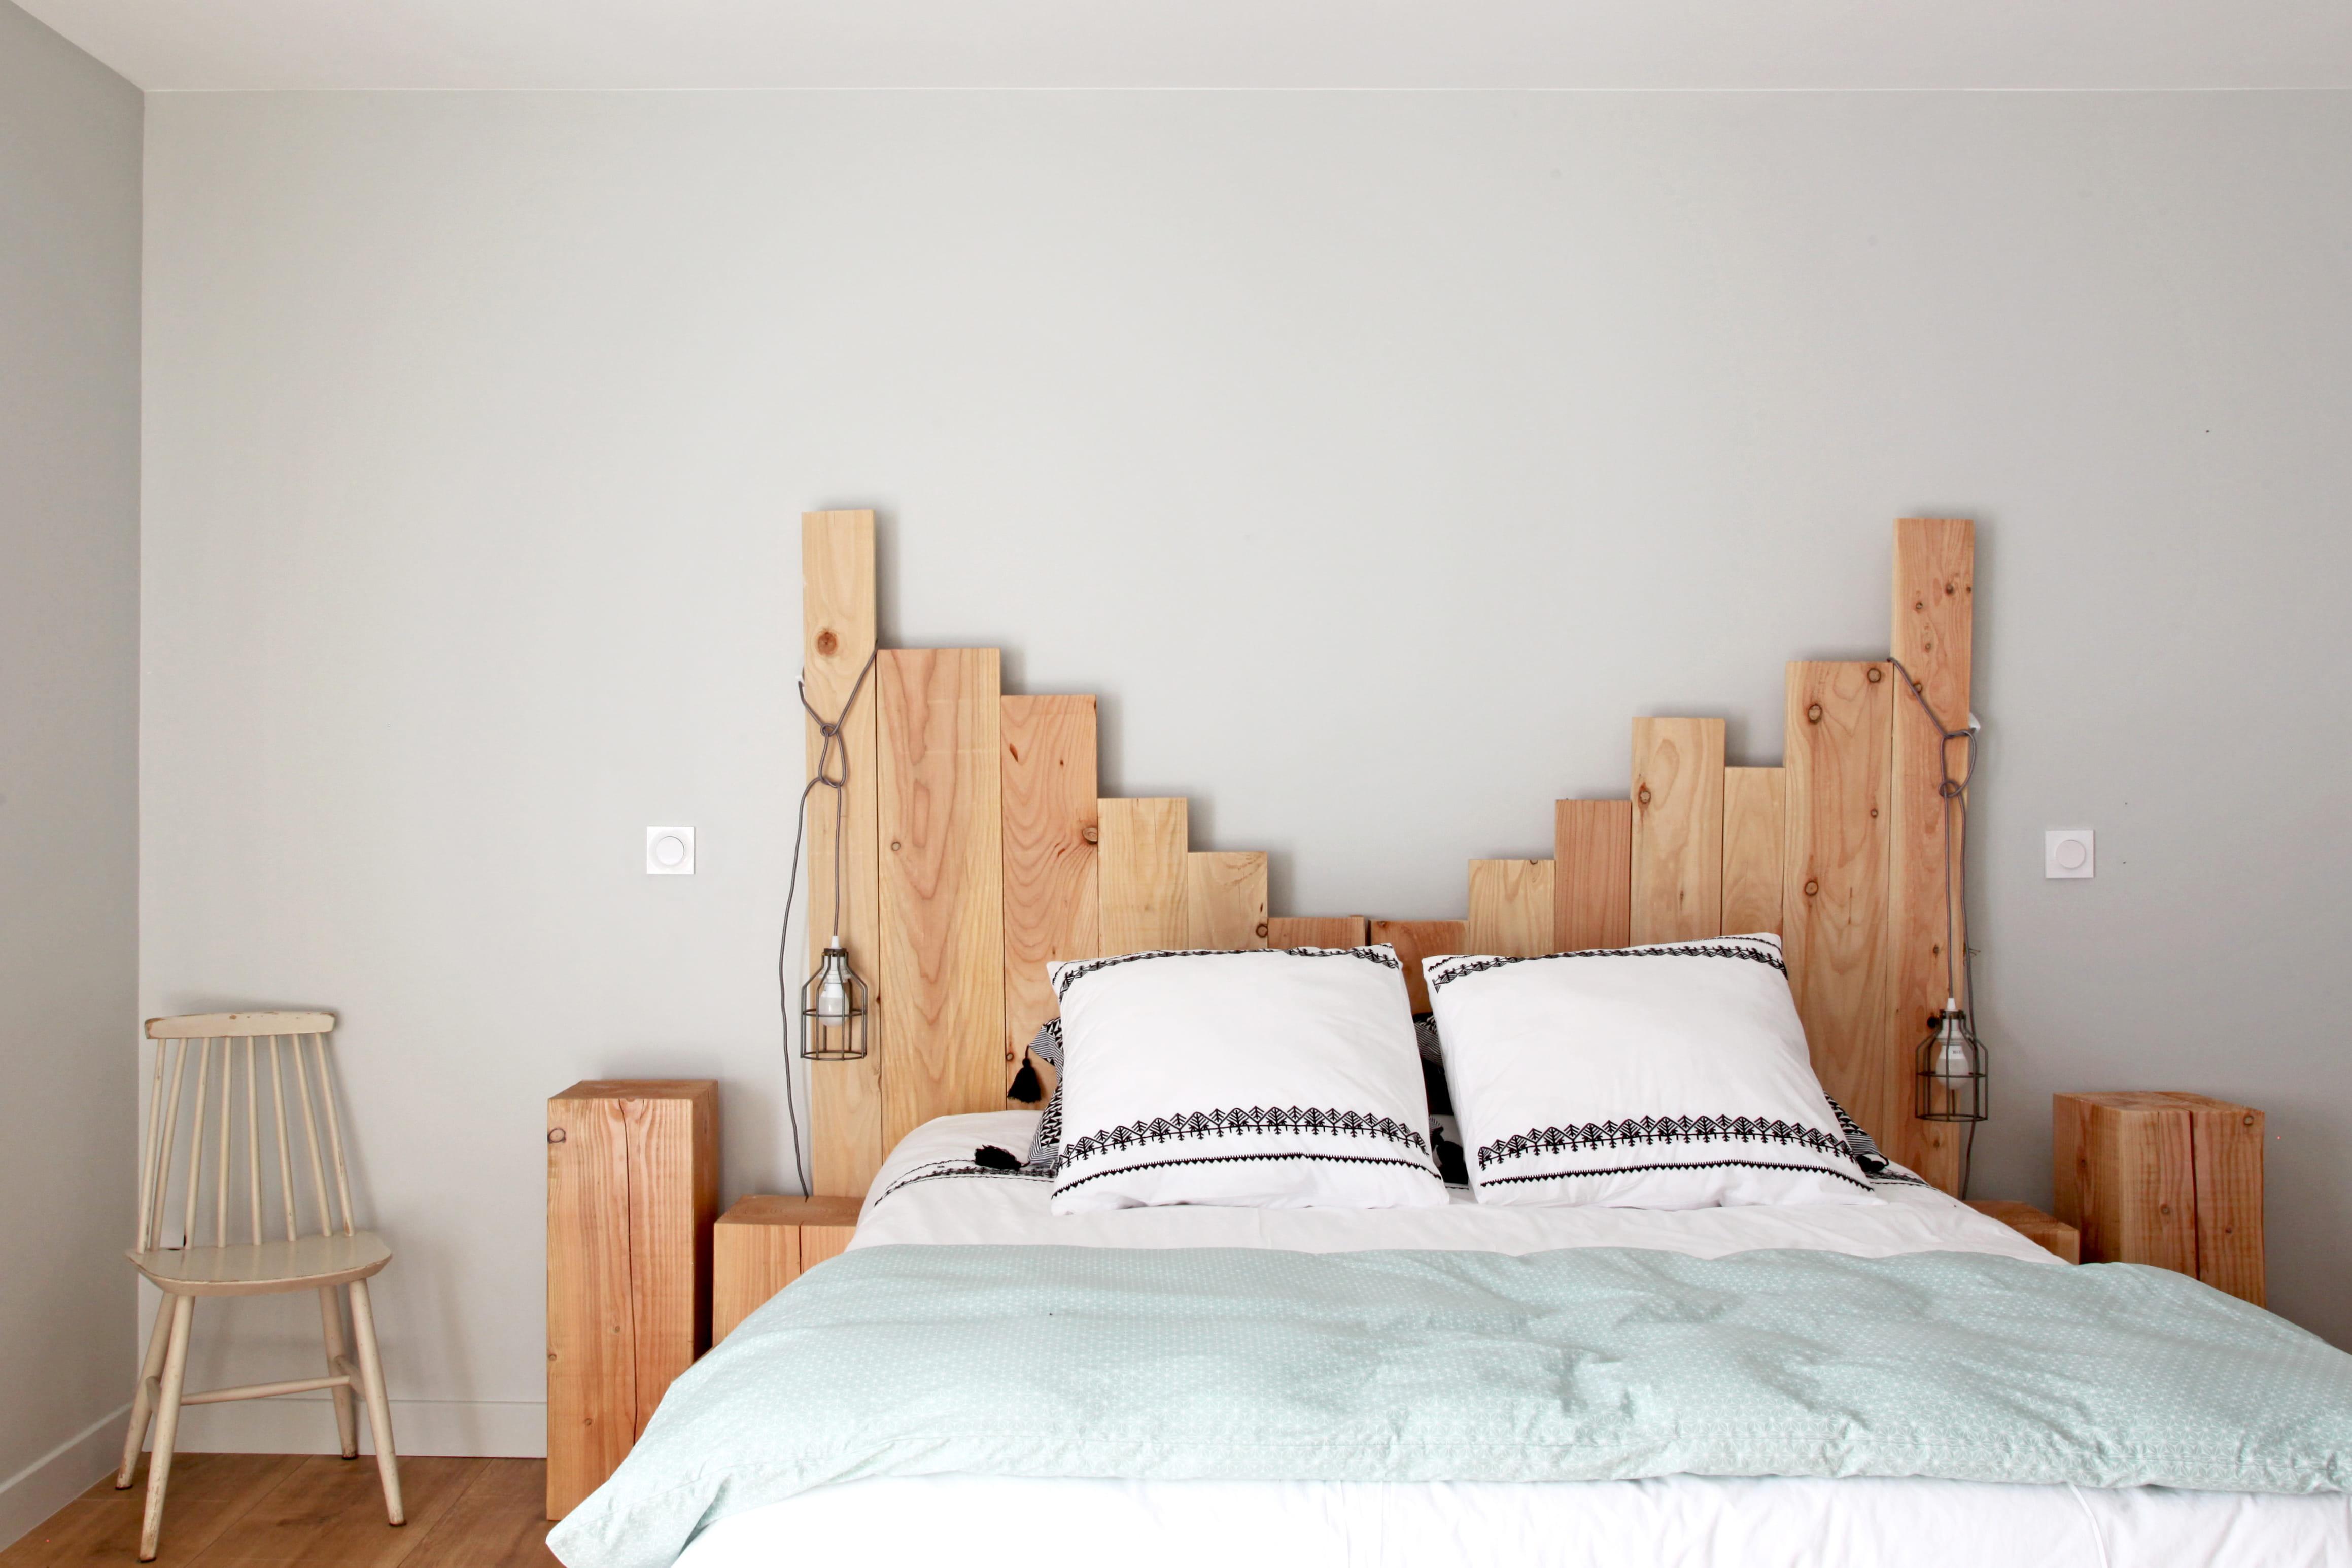 Comment Fabriquer Sa Tete De Lit 14 idées pour décorer et mettre en valeur son lit